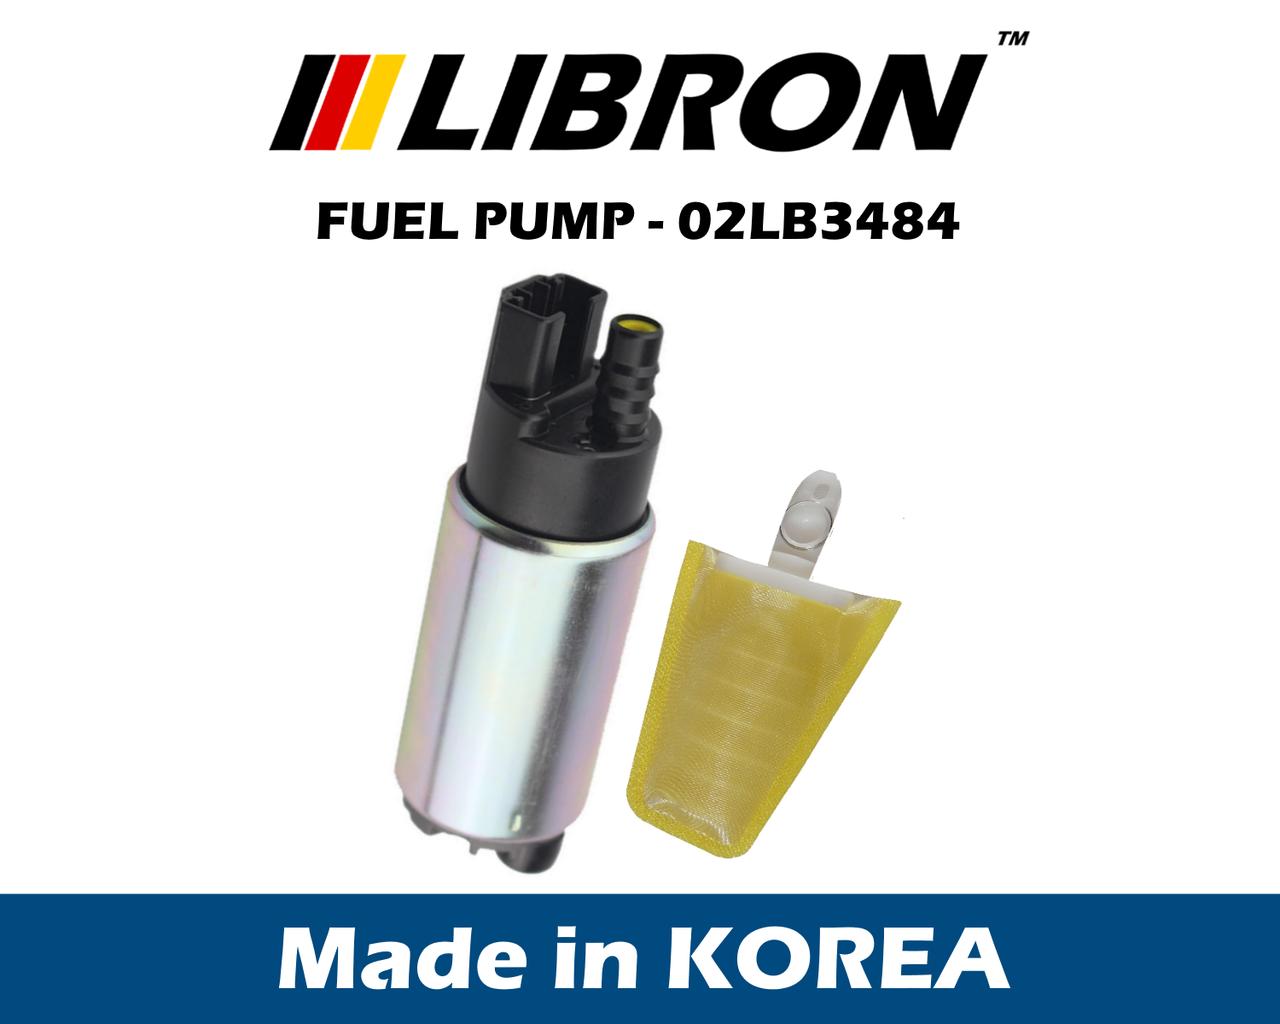 Топливный насос LIBRON 02LB3484 - Хюндай H100 автобус